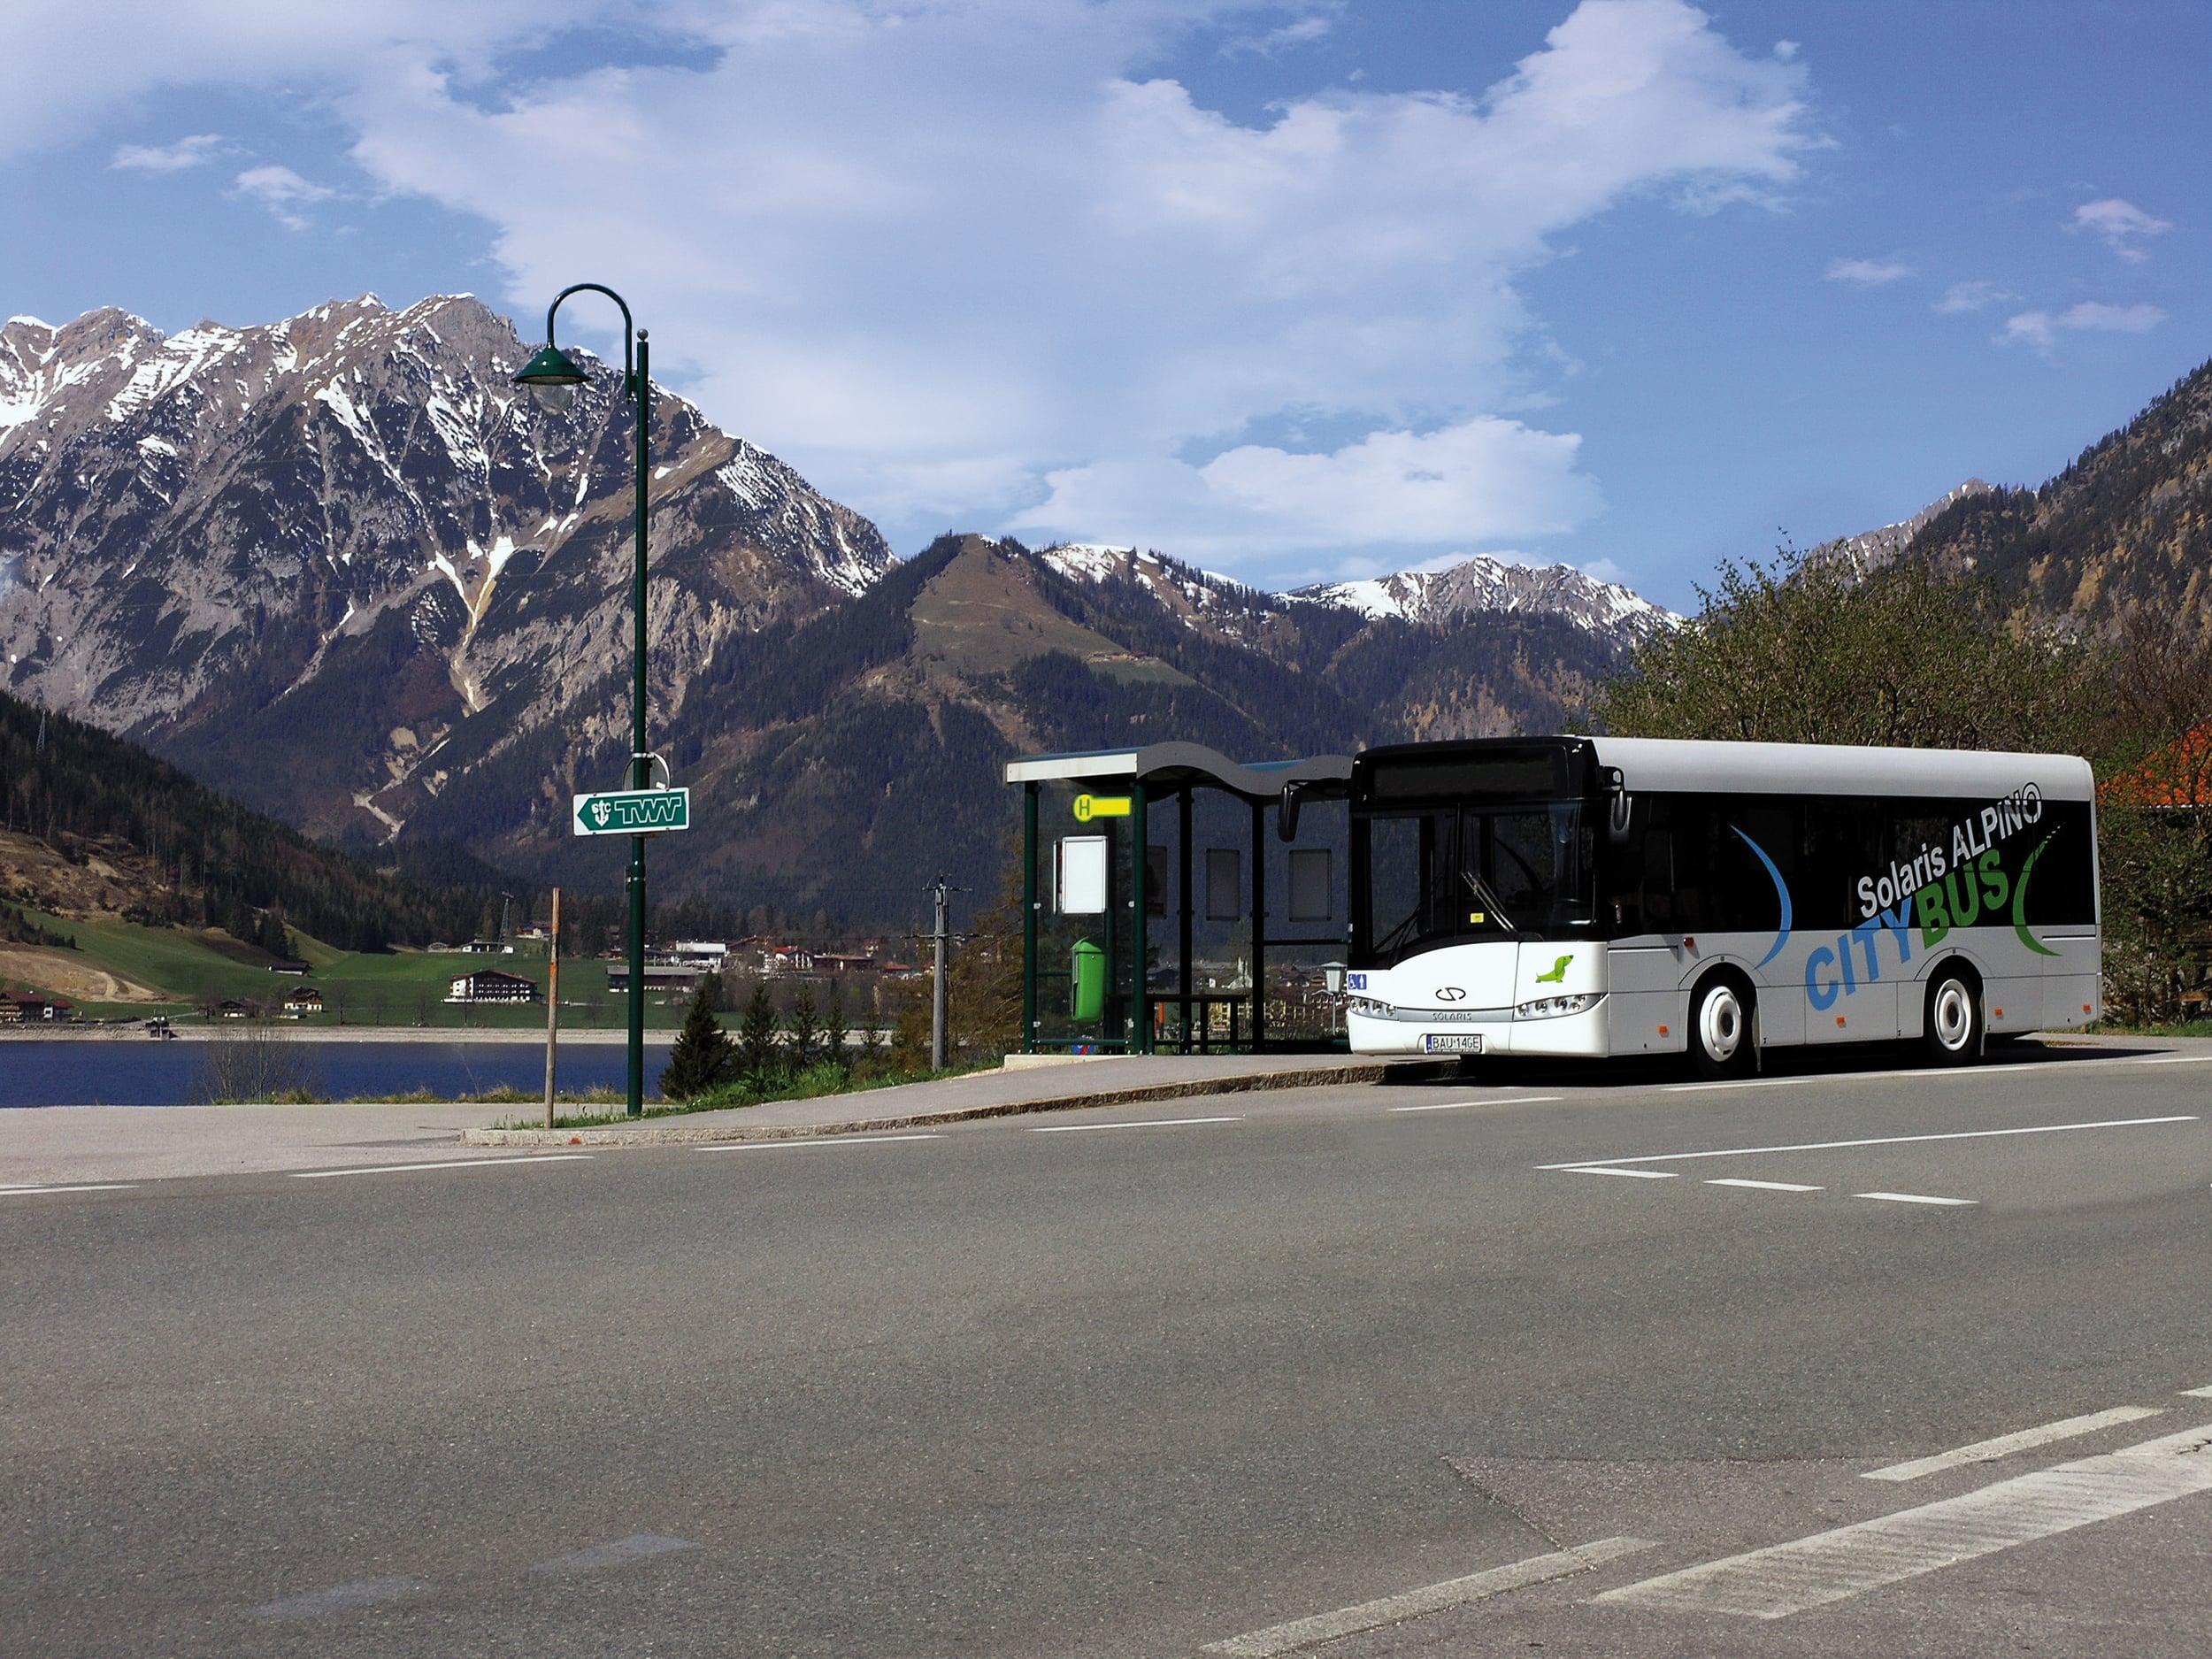 Malé autobusy od Solarisu nesly původně obchodní jméno Alpino. Jak už název napovídá, autobusy měly být určeny hlavně pro provoz v horských oblastech Alp. Nakonec však našly uplatnění v různých provozech napříč Evropou. U nás je jejich největší flotila u DP Praha. (foto: Solaris Bus & Coach)